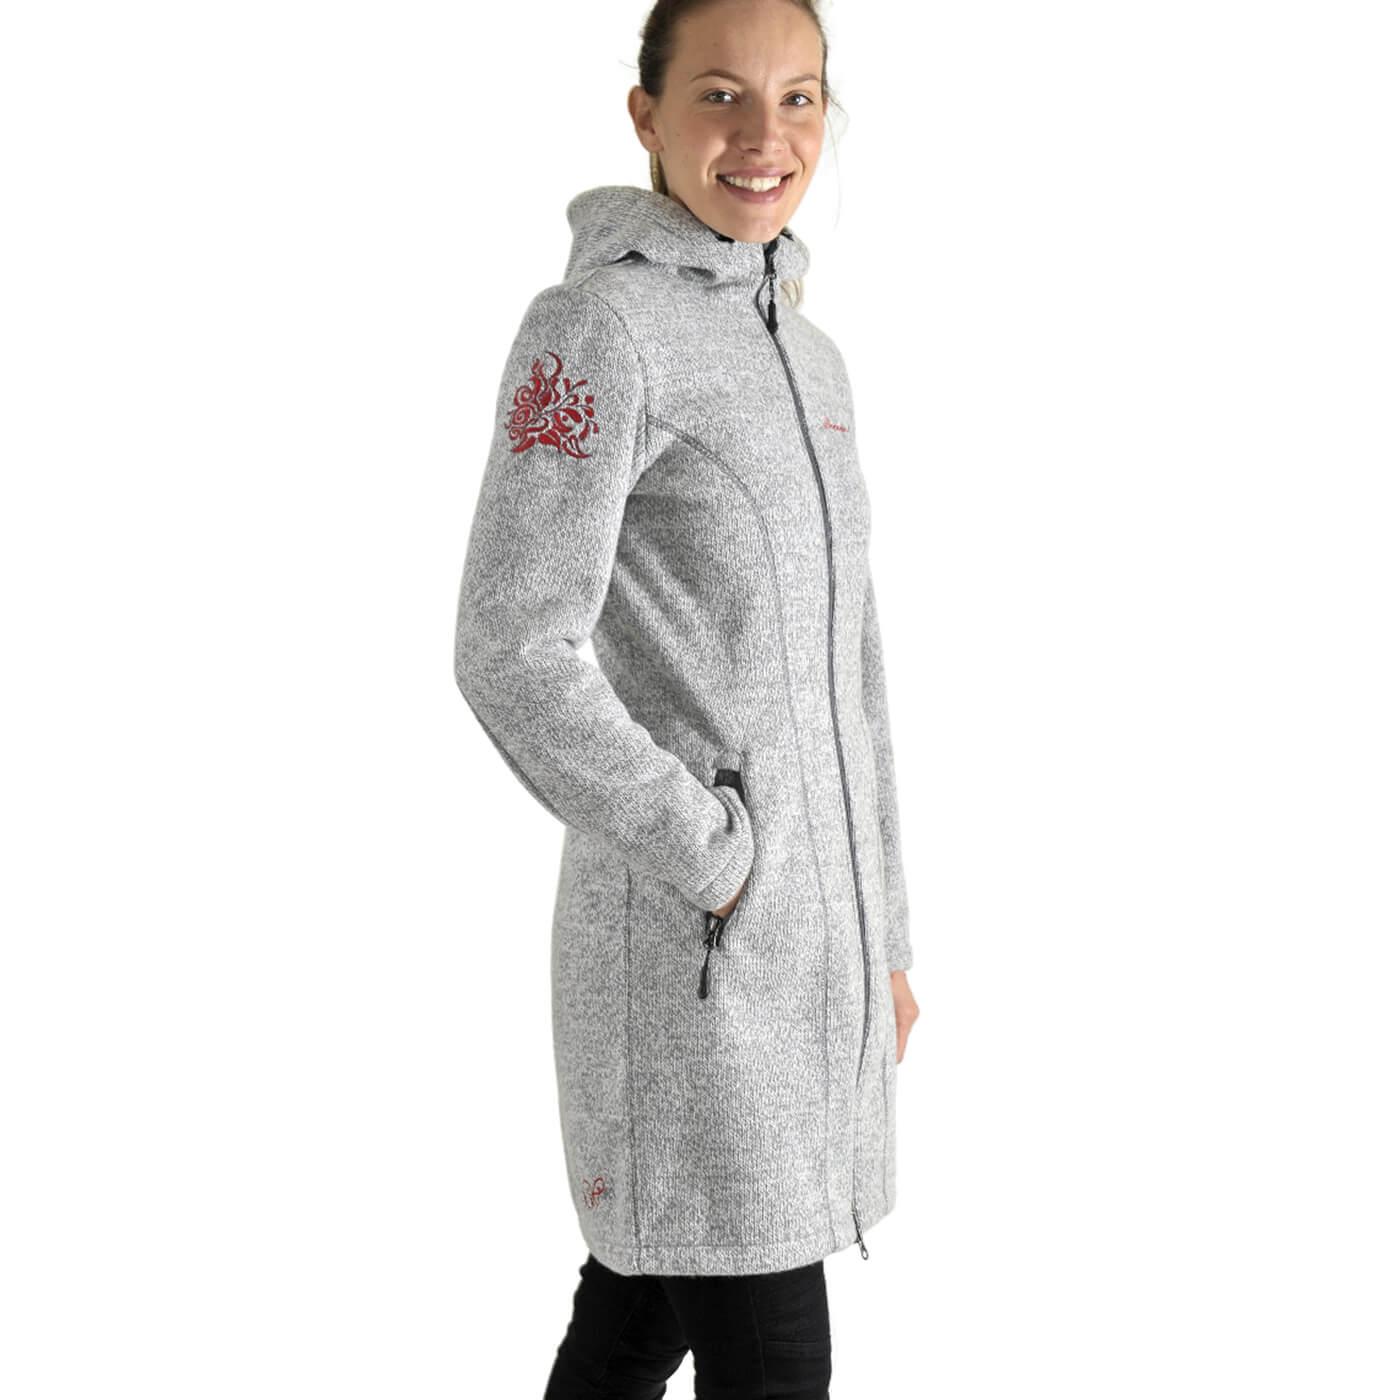 Benesport dámska bunda Pekelník - sivá, veľkosť S